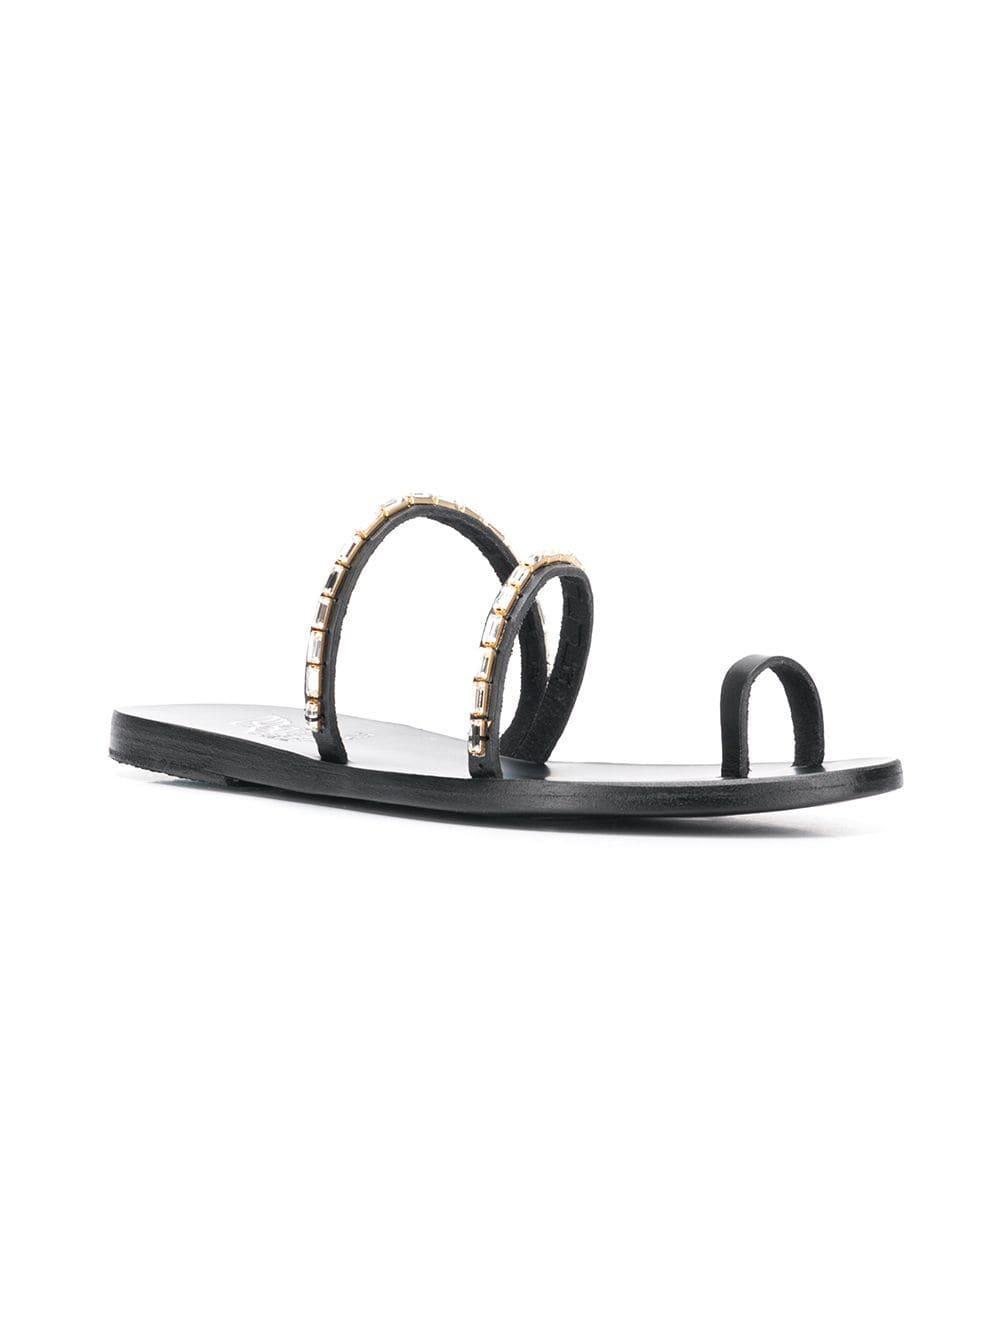 9139ed55f Ancient Greek Sandals - Black Apli Katia Diamond Sliders - Lyst. View  fullscreen